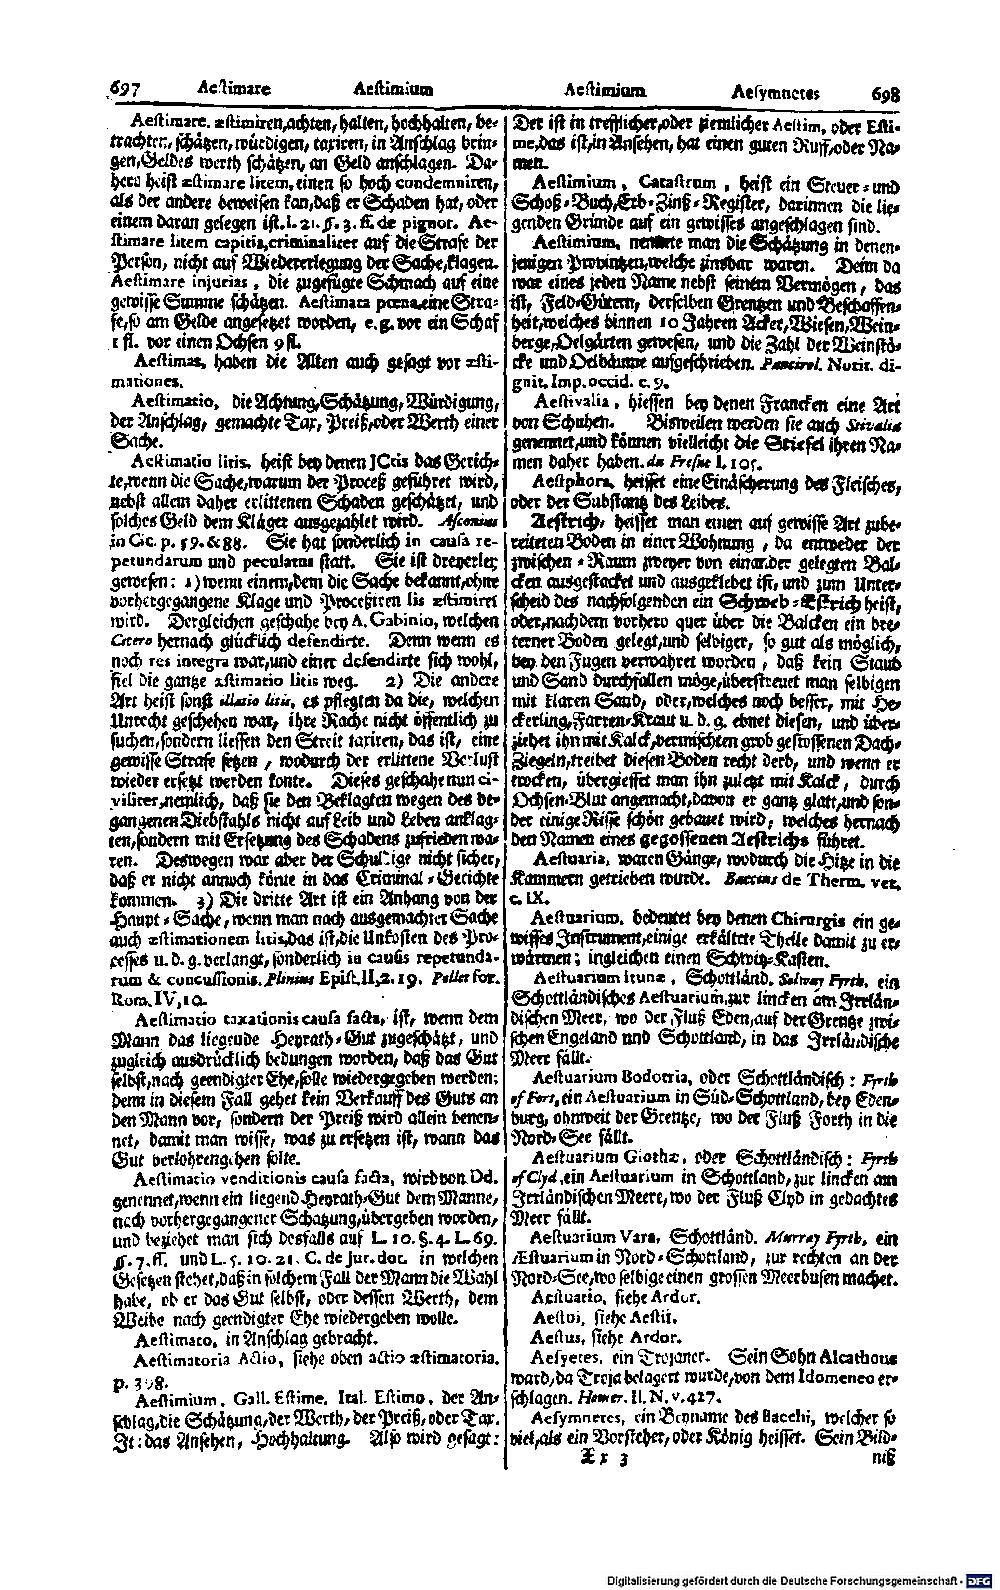 Bd. 01, Seite 0388.